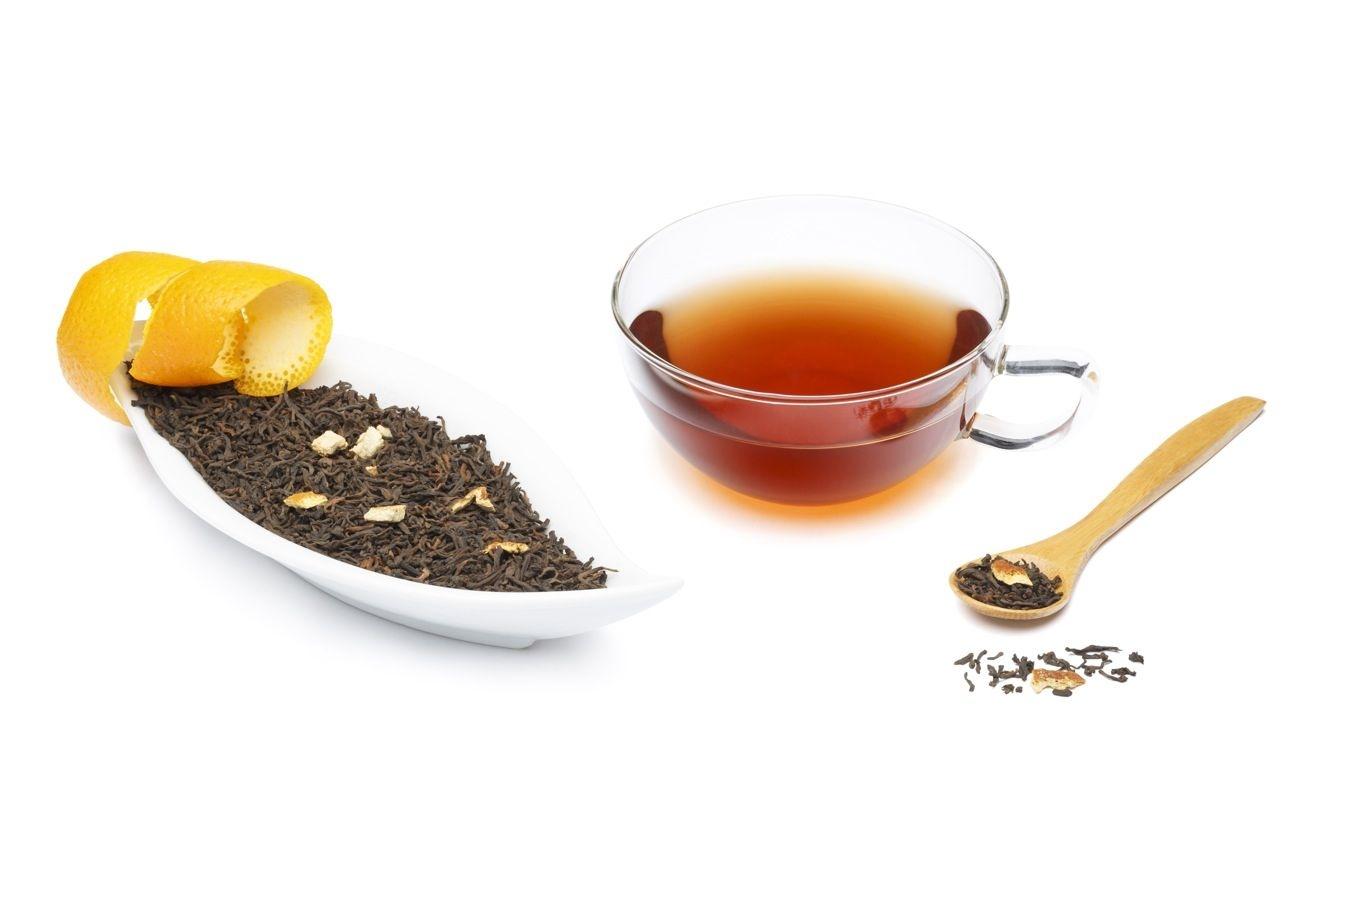 چای پوئر (Pu-erh)